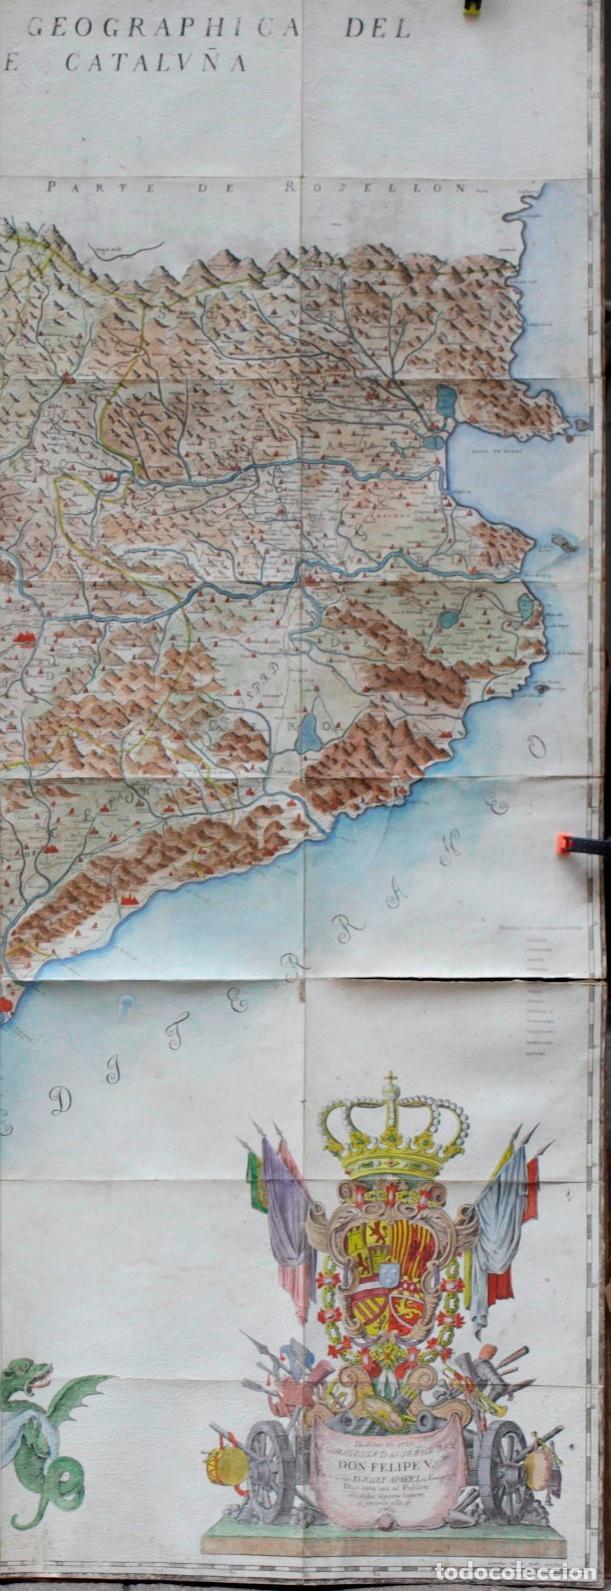 Arte: NUEVA DESCRIPCIÓN GEOGRAPHICA DE CATALUÑA , JOSEP APARICI, 1769. EDICIÓN DE 1720. COLOREADO. - Foto 10 - 128231423